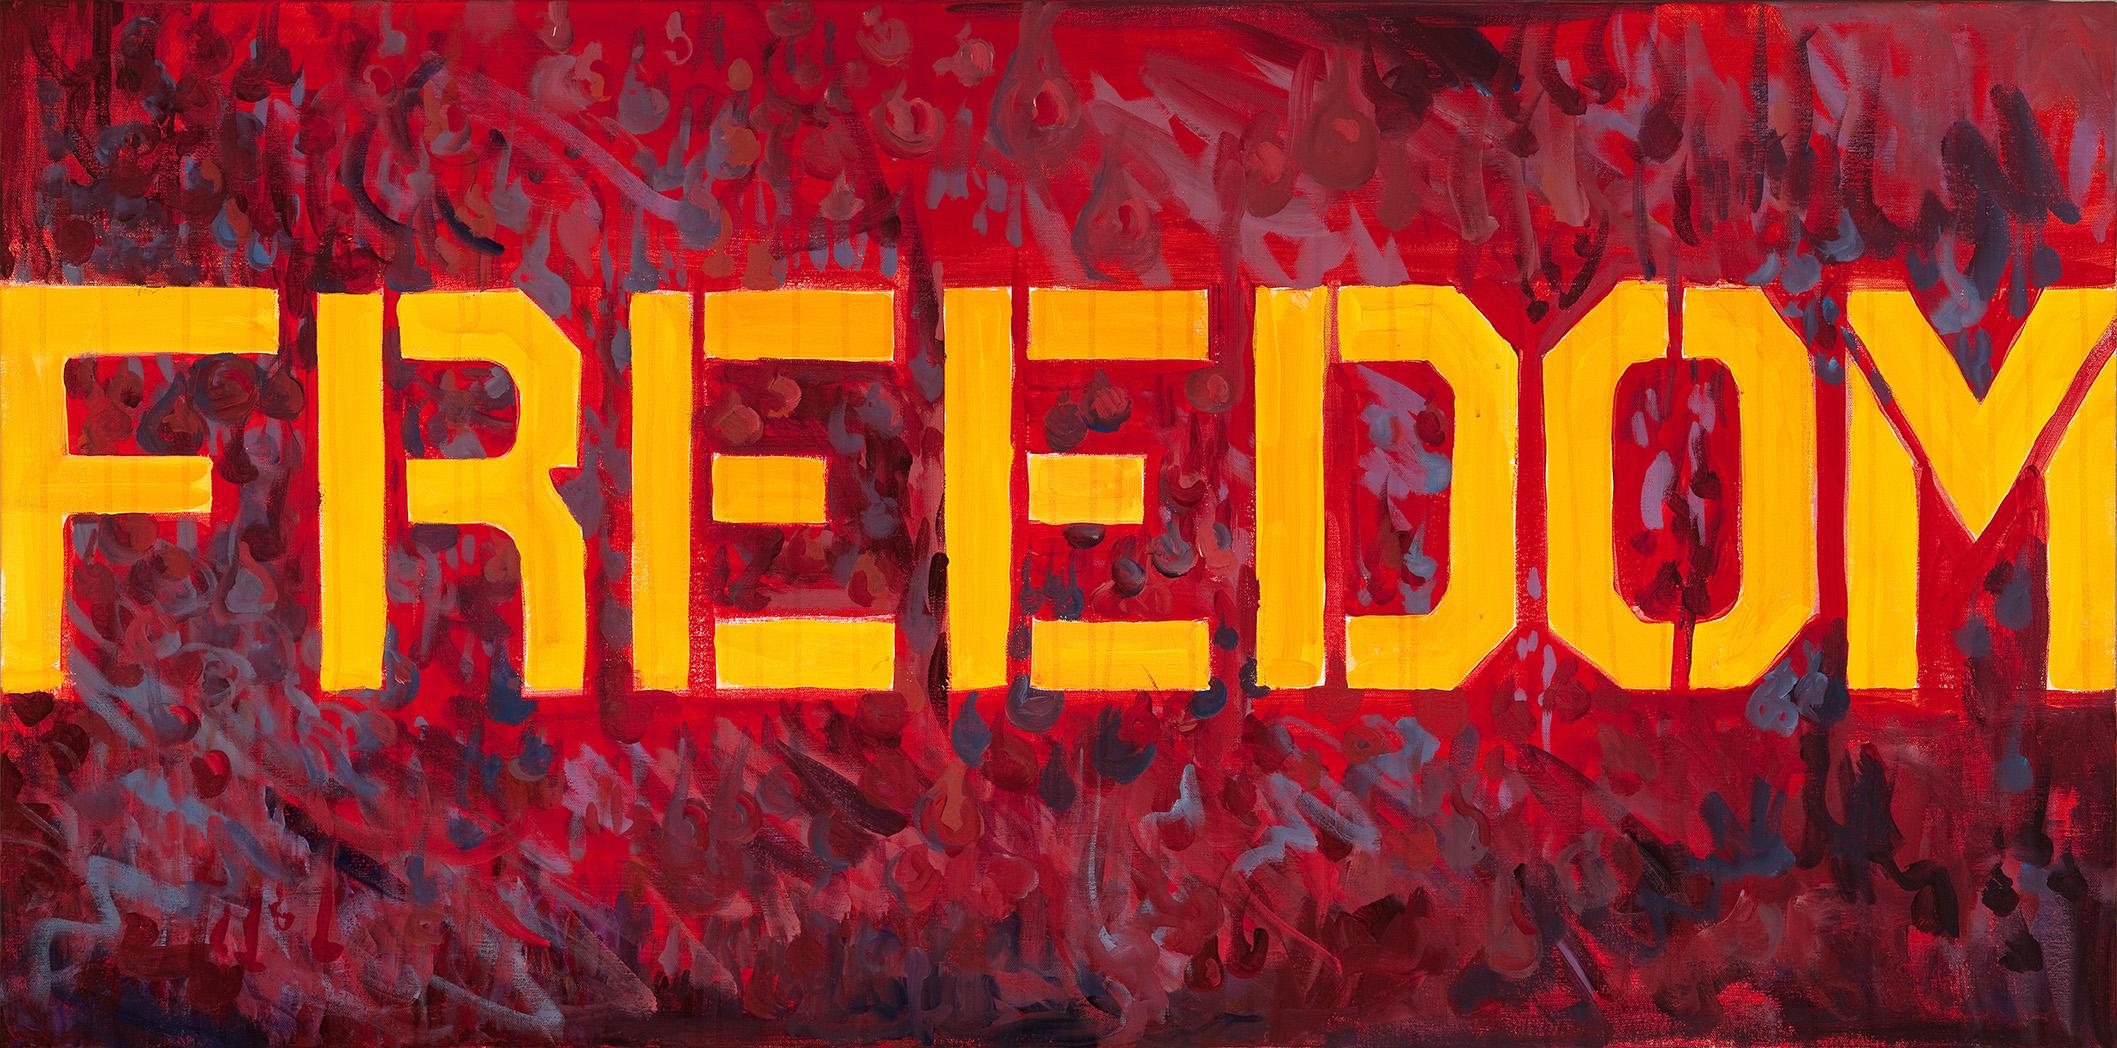 Freedom by Latimer Bowen